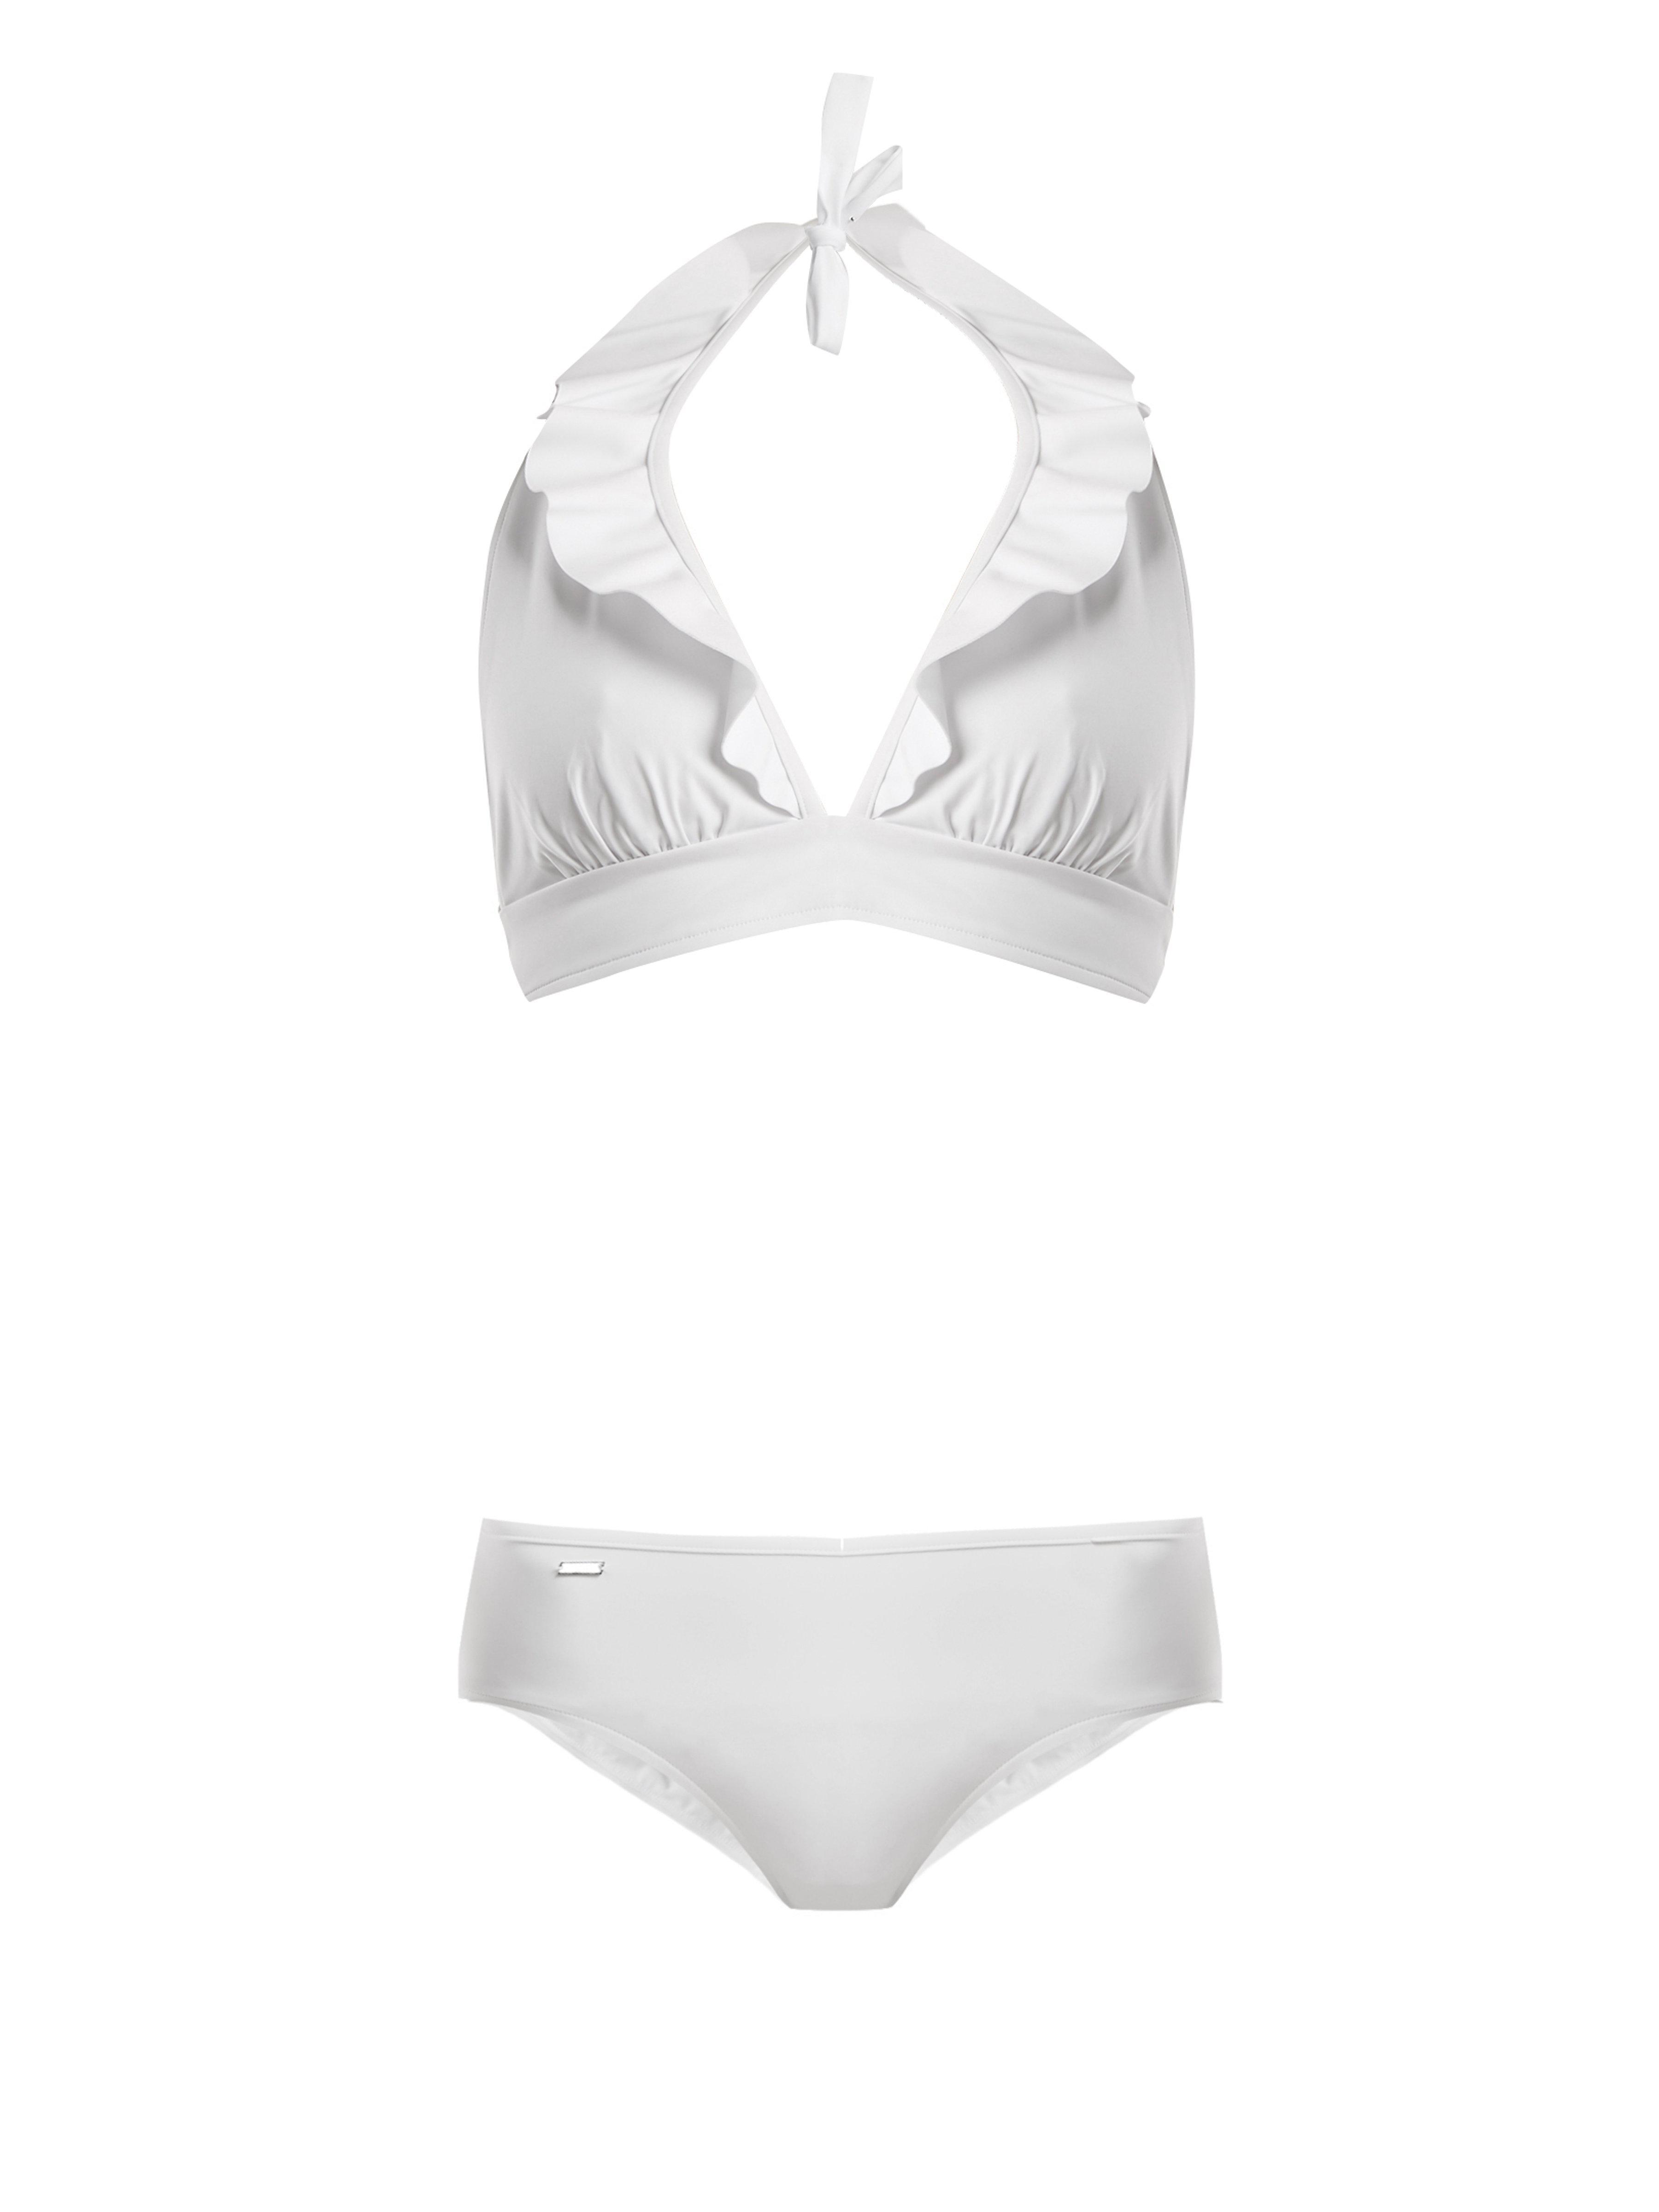 35ded5fc7f Fendi Bonded And Ruched Ruffle Bikini in White - Lyst